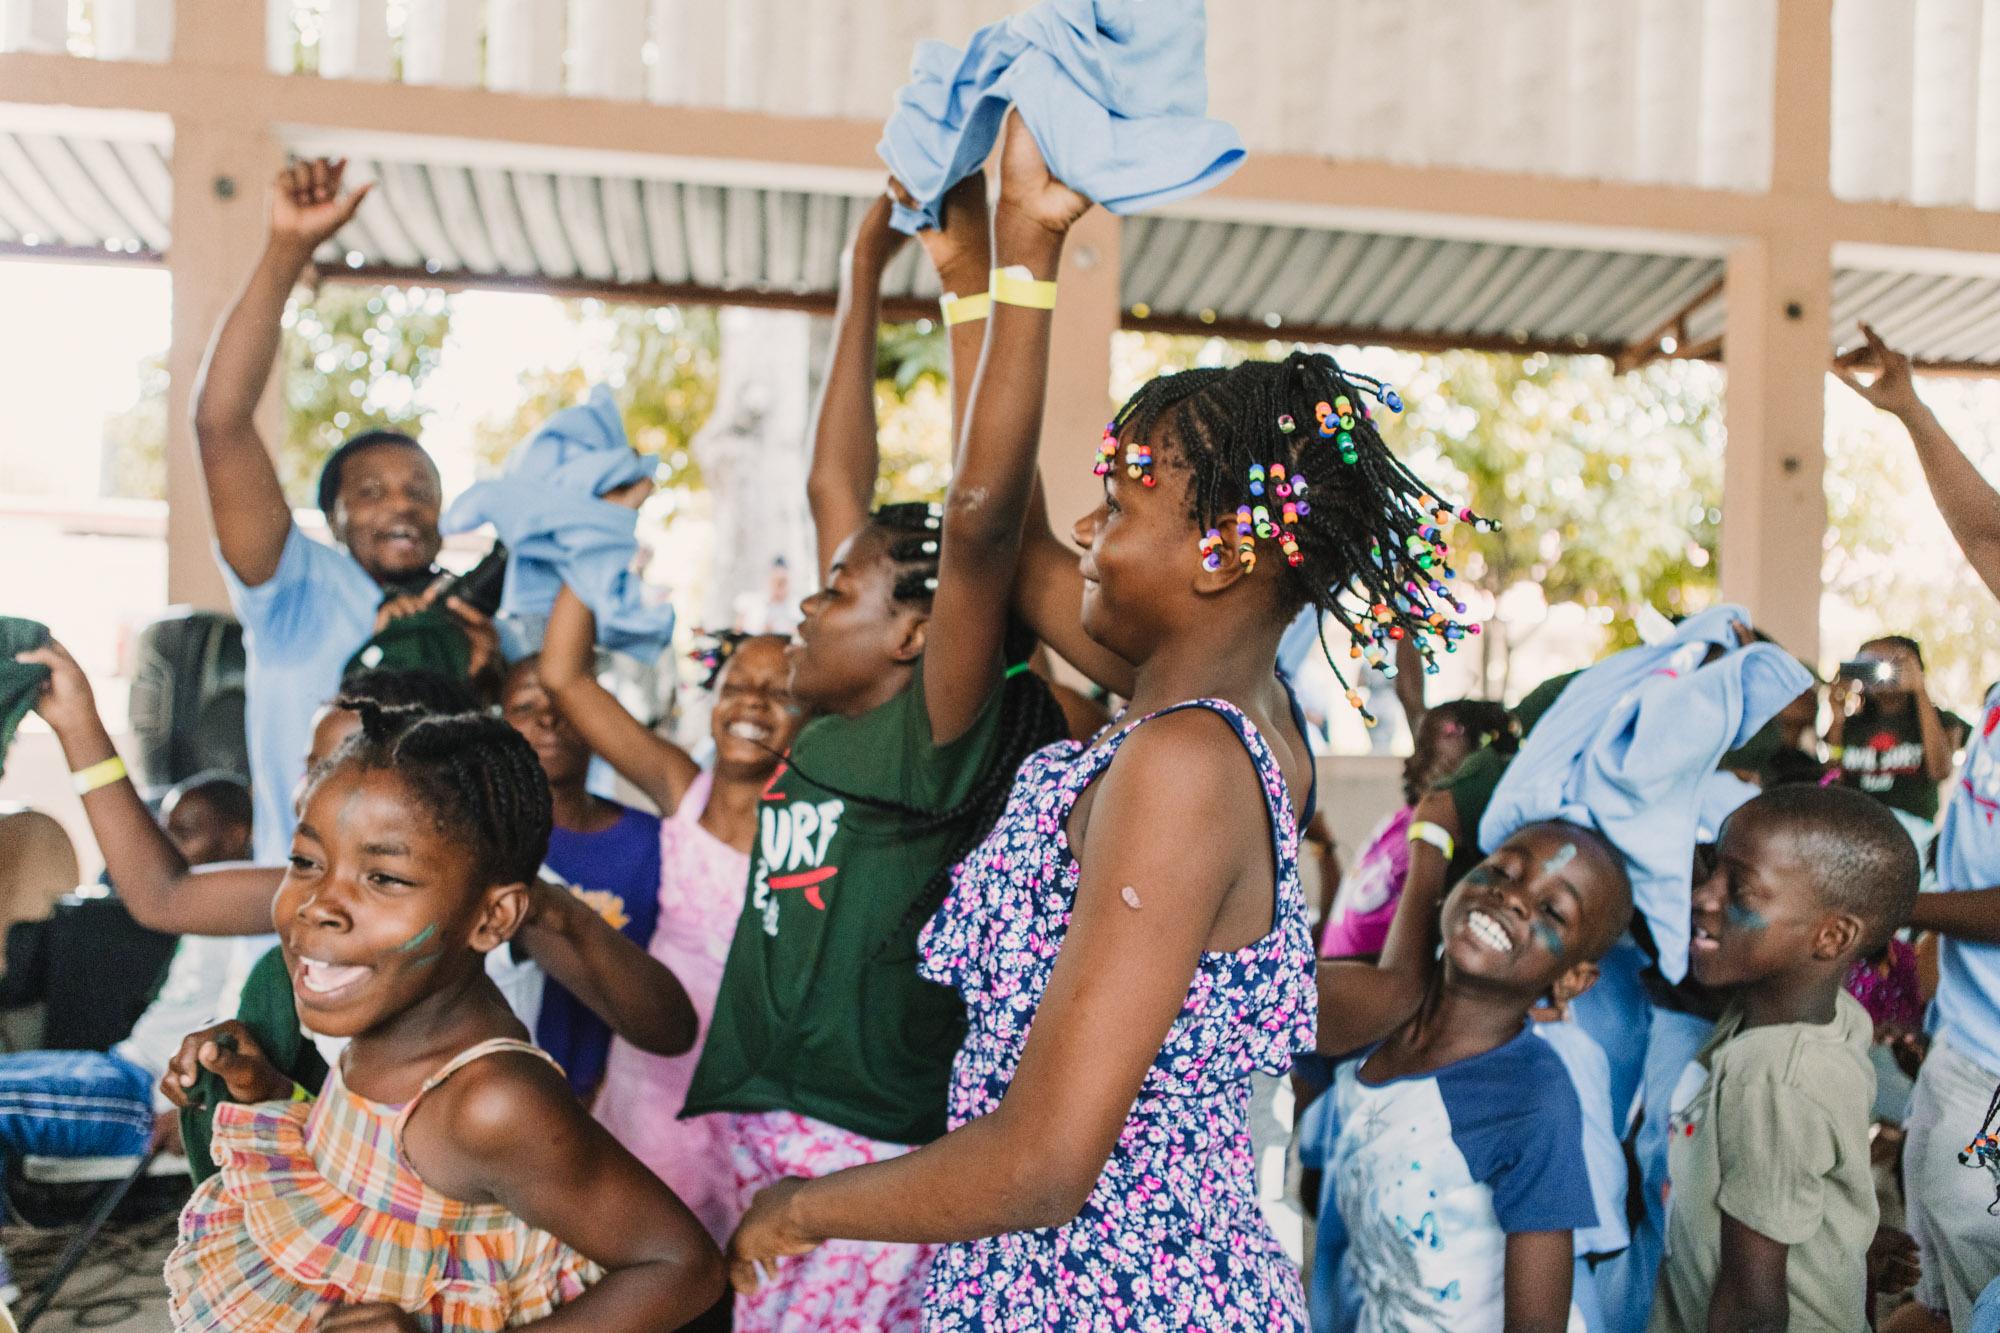 20190612_Surf City Haiti Blog_015_web.jpg